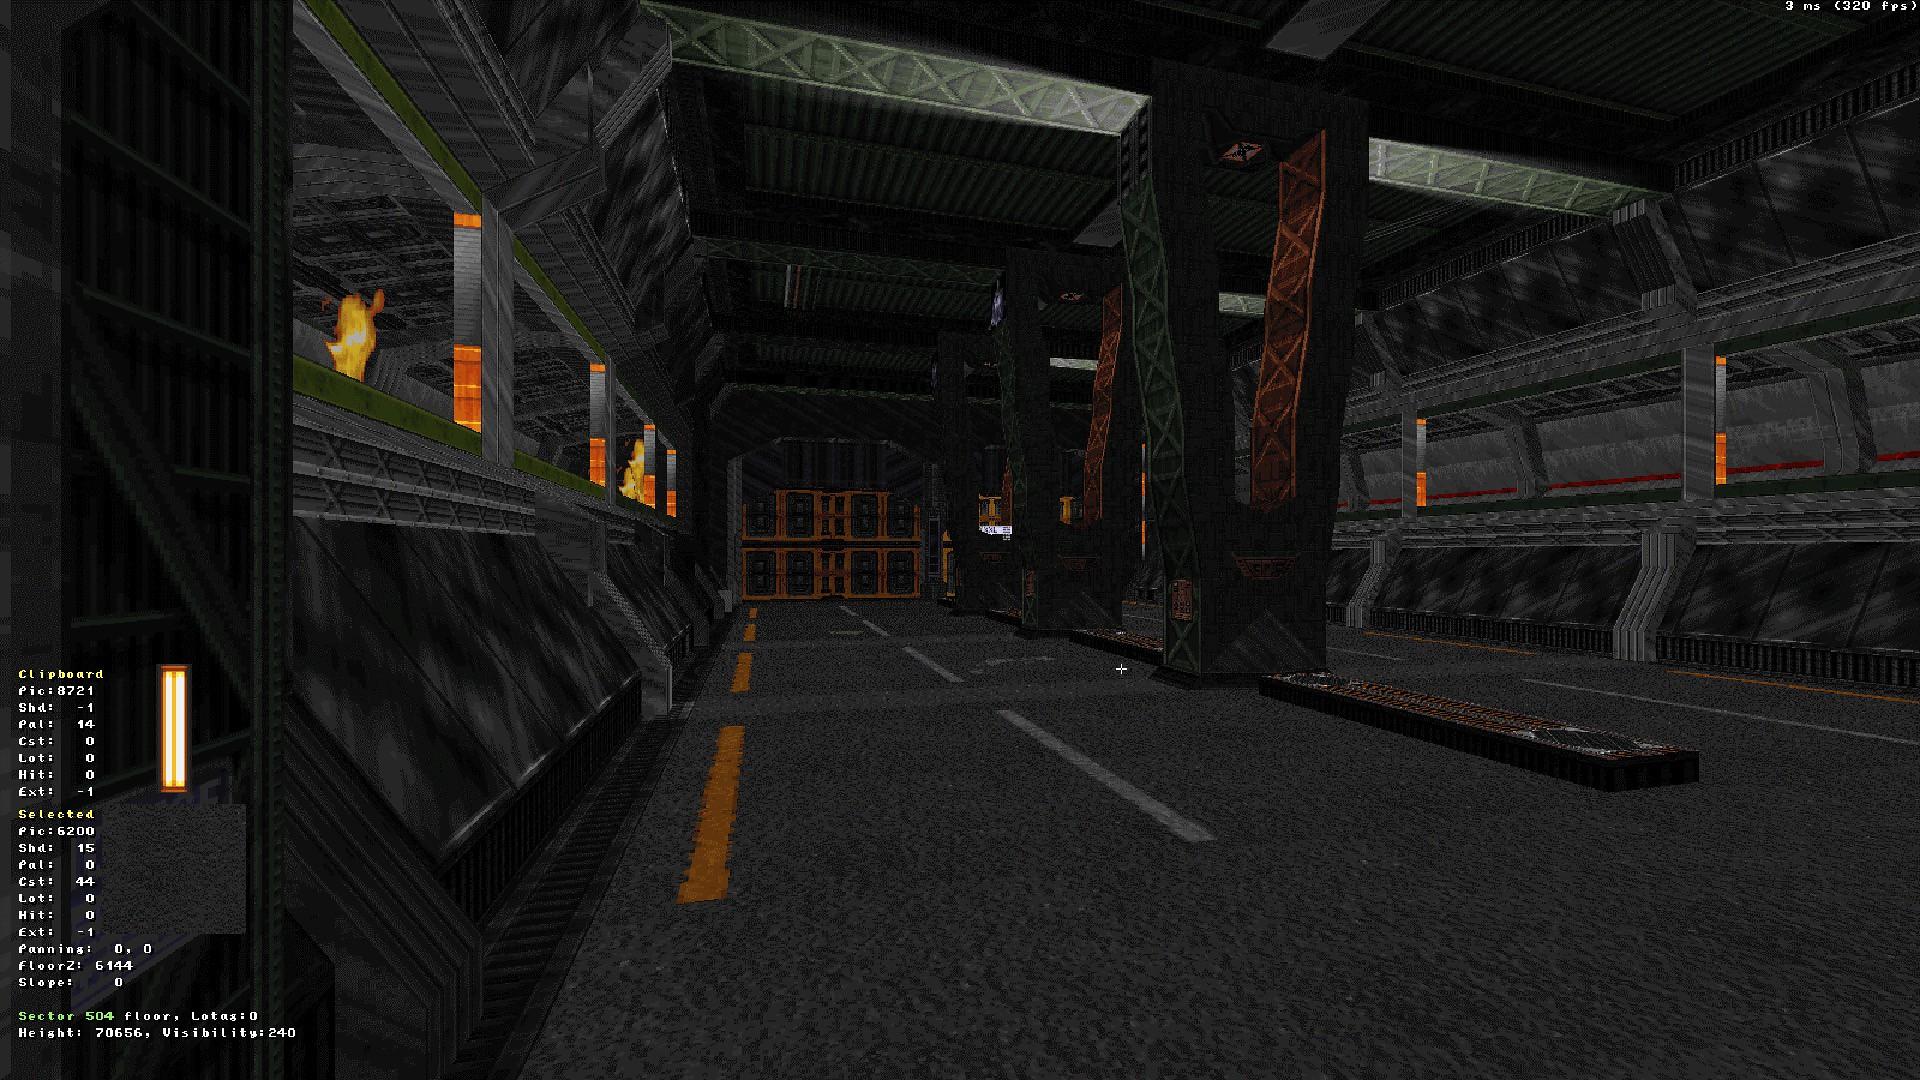 49888037403 d8e76c188a k - Ein Blick in das Level-Design von Ion Fury, das heute erscheint